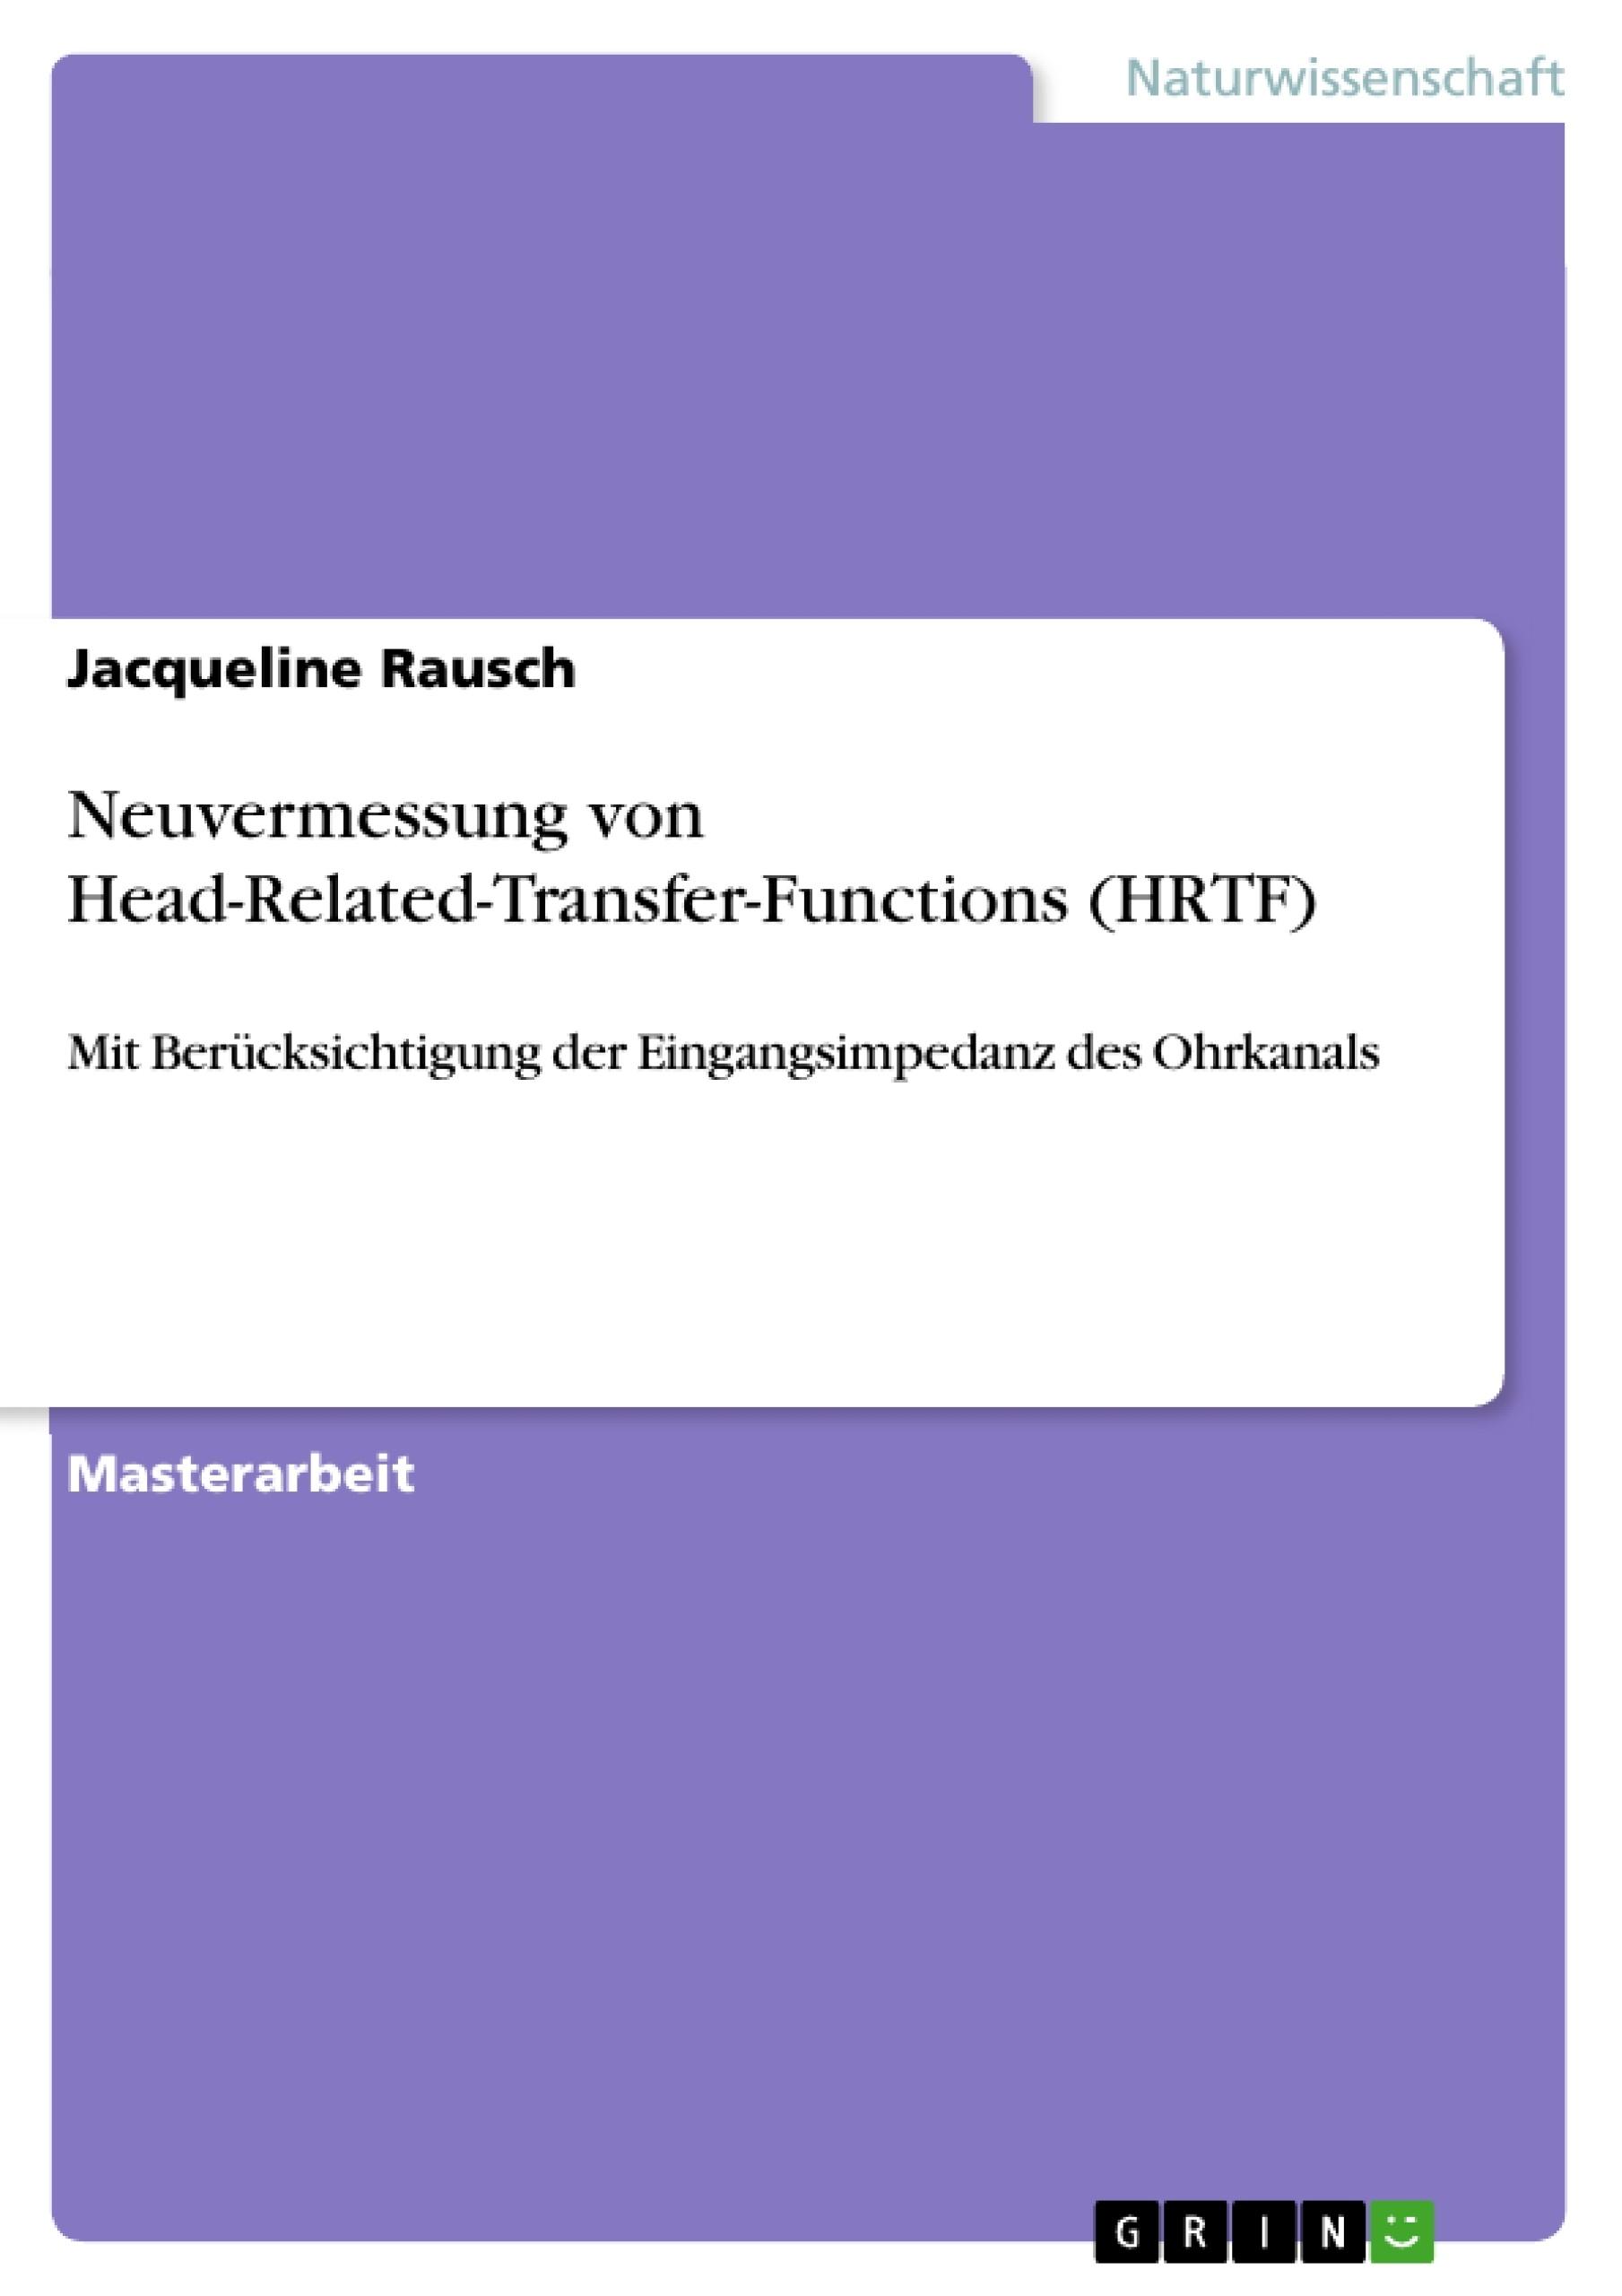 Titel: Neuvermessung von Head-Related-Transfer-Functions (HRTF)